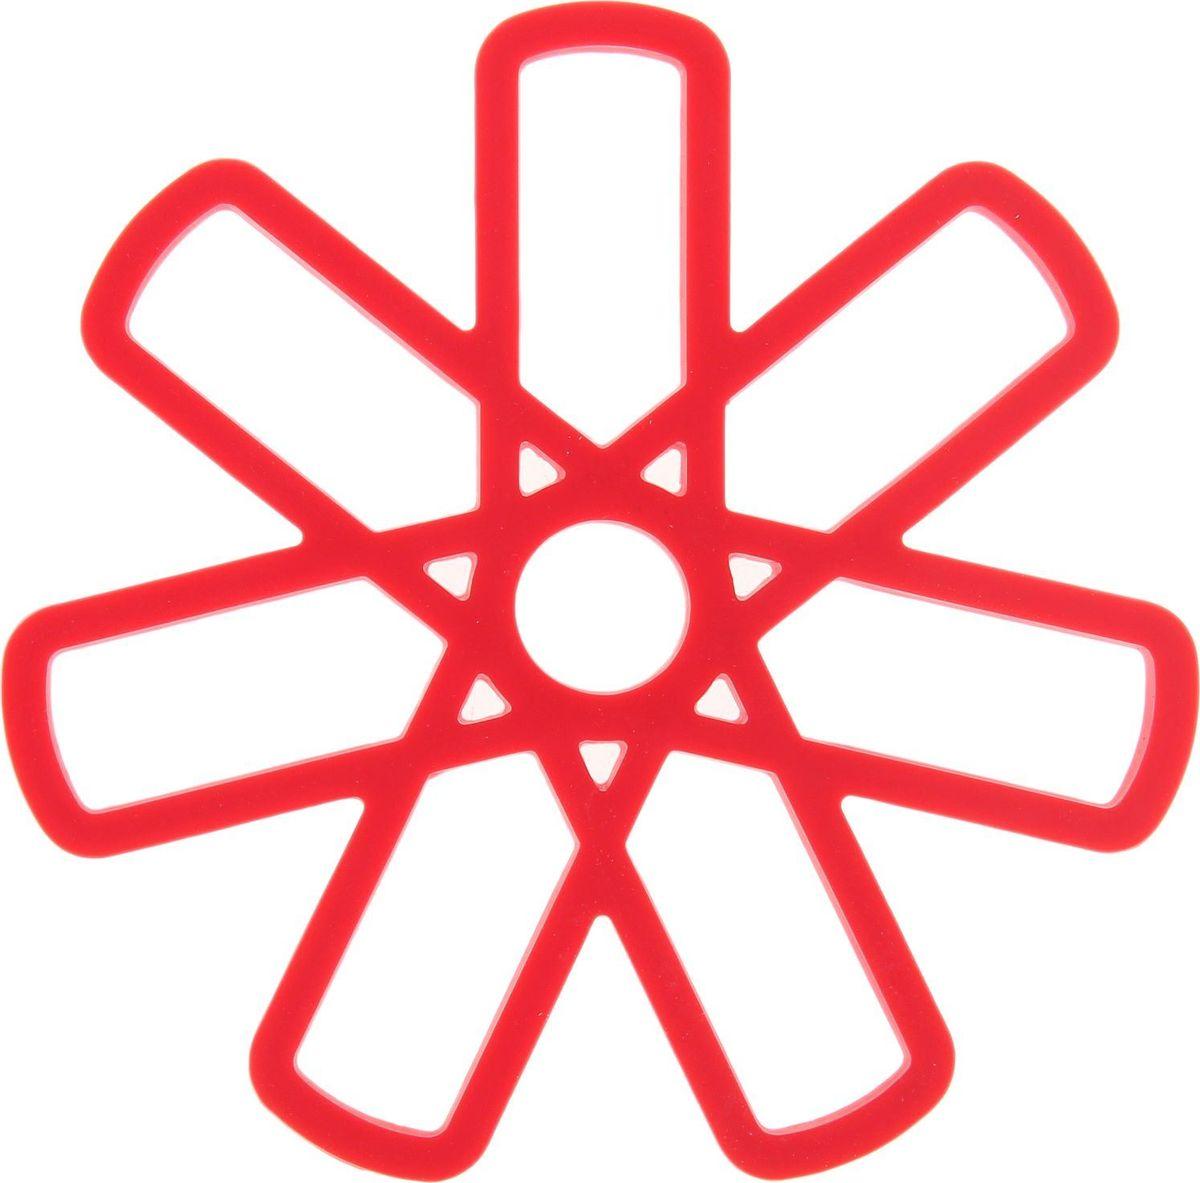 Подставка под горячее Доляна Геометрия, 16х16 см811878Силиконовая подставка под горячее — практичный предмет, который обязательно пригодится в хозяйстве. Изделие поможет сберечь столы, тумбы, скатерти и клеёнки от повреждения нагретыми сковородами, кастрюлями, чайниками и тарелками.